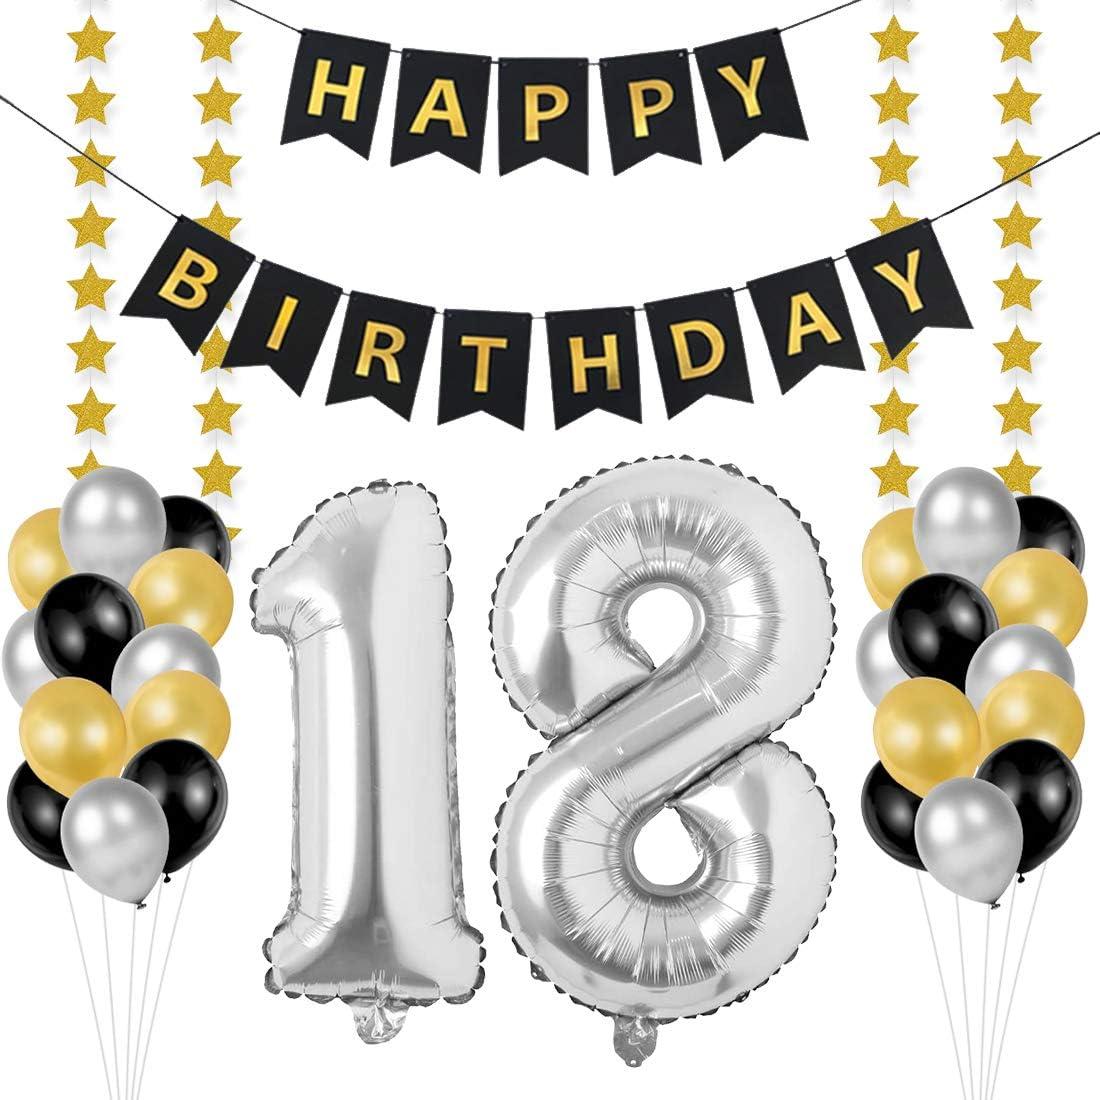 Globos 18 Cumpleaños, decoracion 18 años, Happy Birthday Bandera Feliz Cumpleaños 18 Años, Número 18 Globos de Papel Plata para Hombres y Mujeres Adultos Oro Negro Decoración de Fiesta: Amazon.es: Hogar